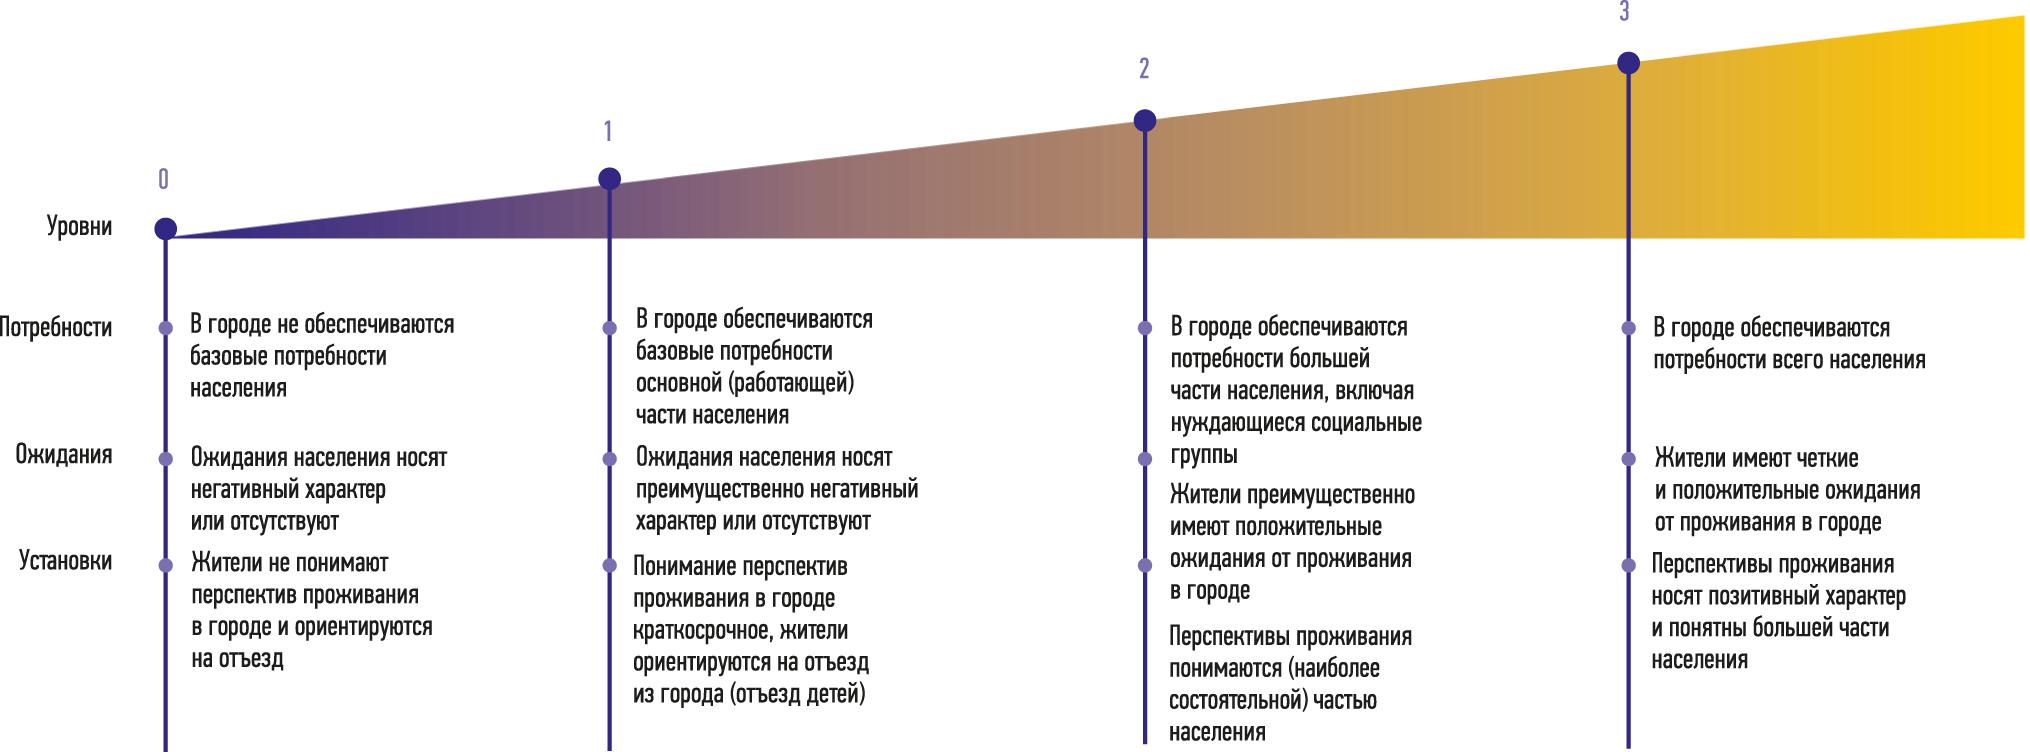 Ранговая шкала оценки достижения цели «Умного Санкт-Петербурга»